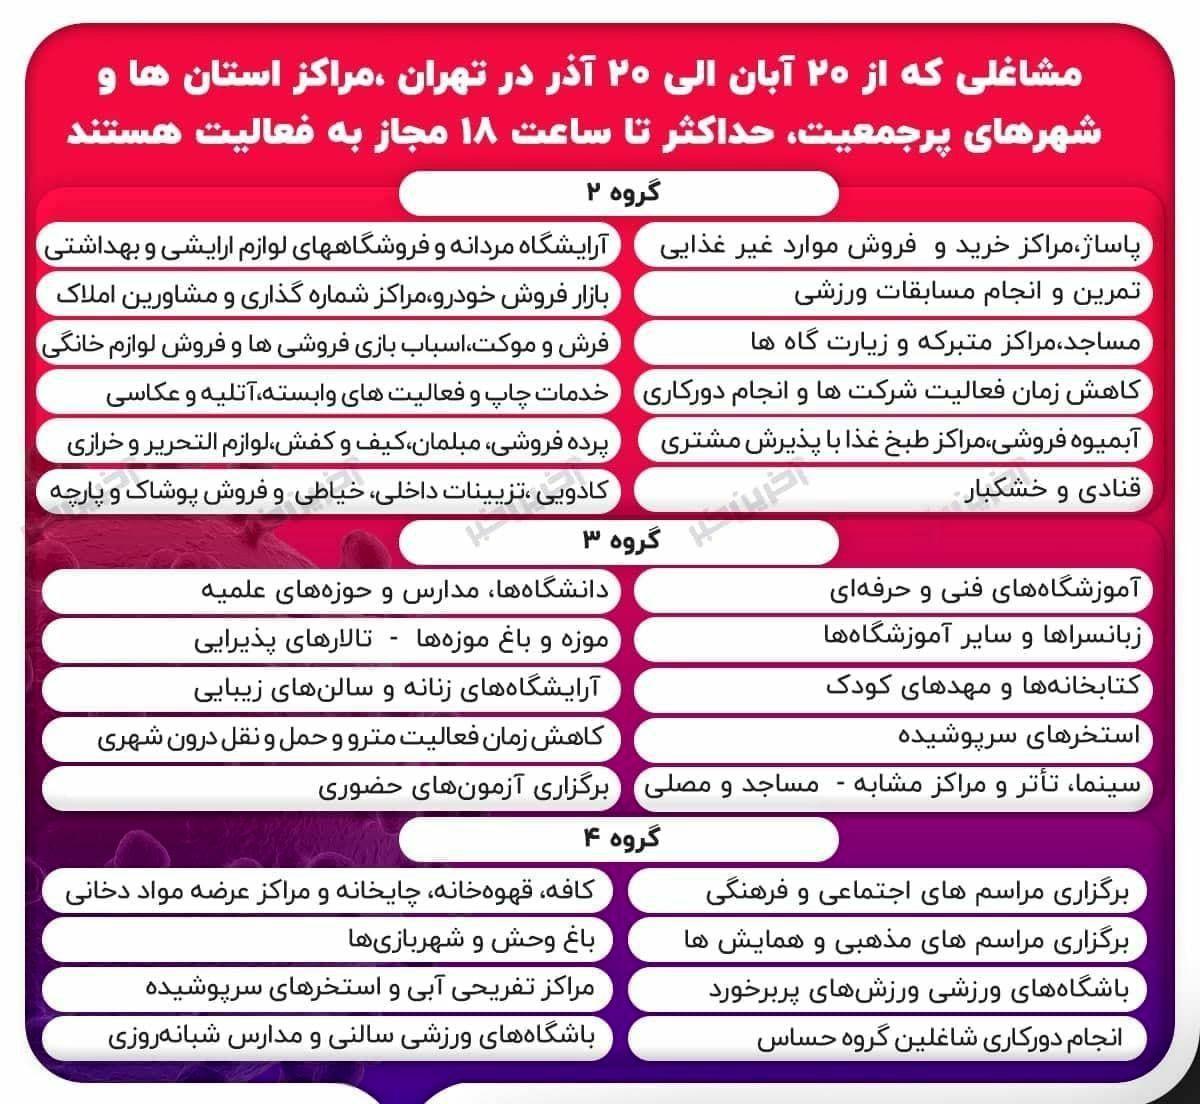 مشاغلی که از ۲۰ آبان تا ۲۰ آذر در تهران و مراکز استان ها مجاز به فعالیت هستند